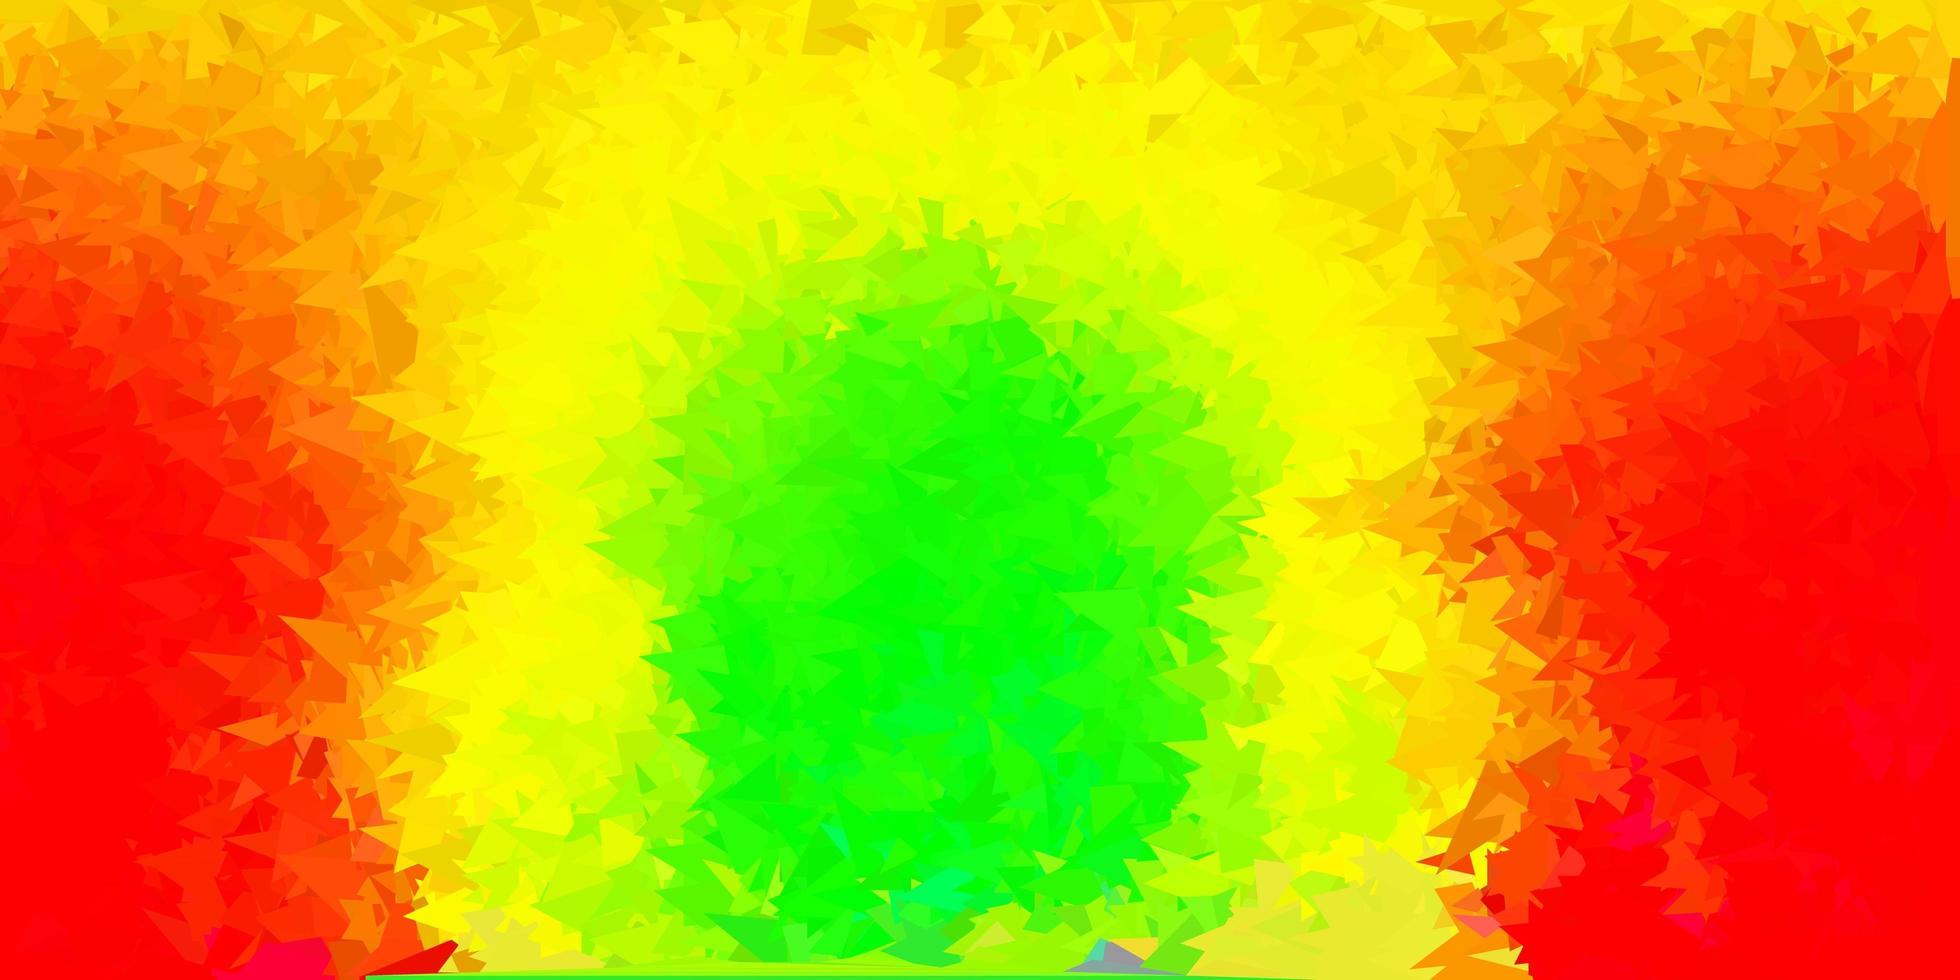 dunkelgrüne, rote Vektor-Dreieck-Mosaik-Tapete. vektor